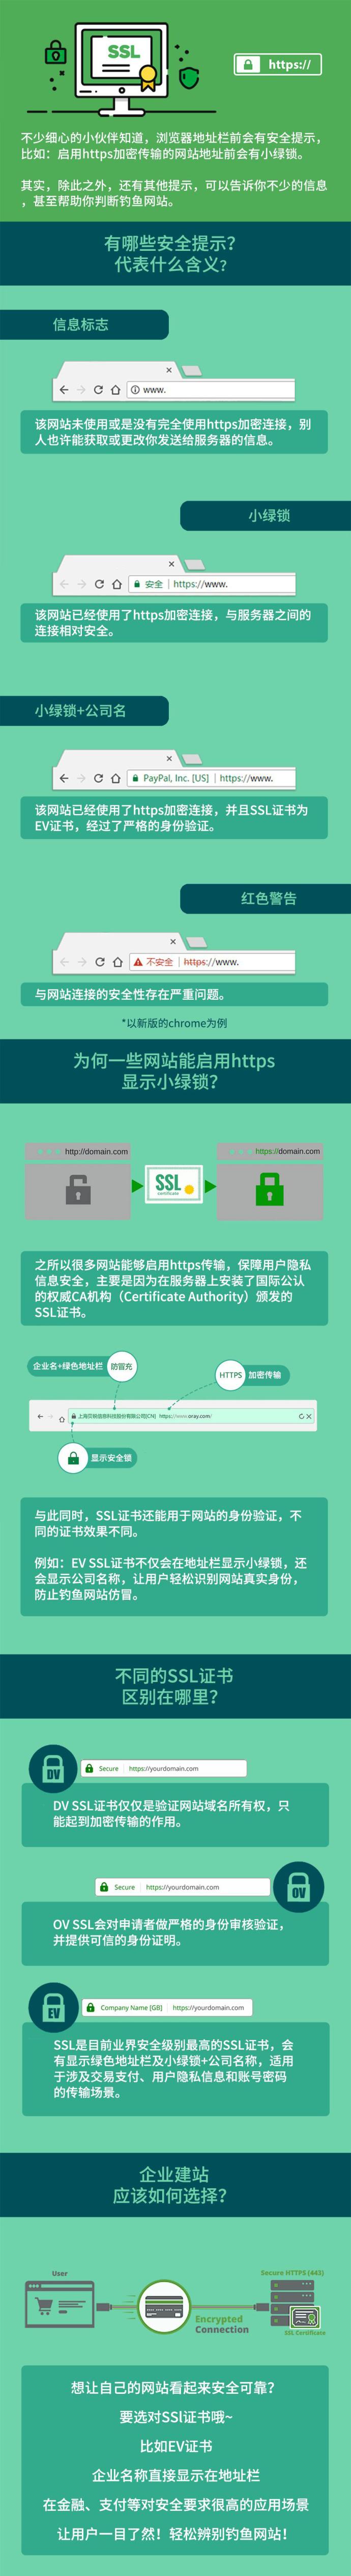 一张图带你了解浏览器地址栏安全提示信息